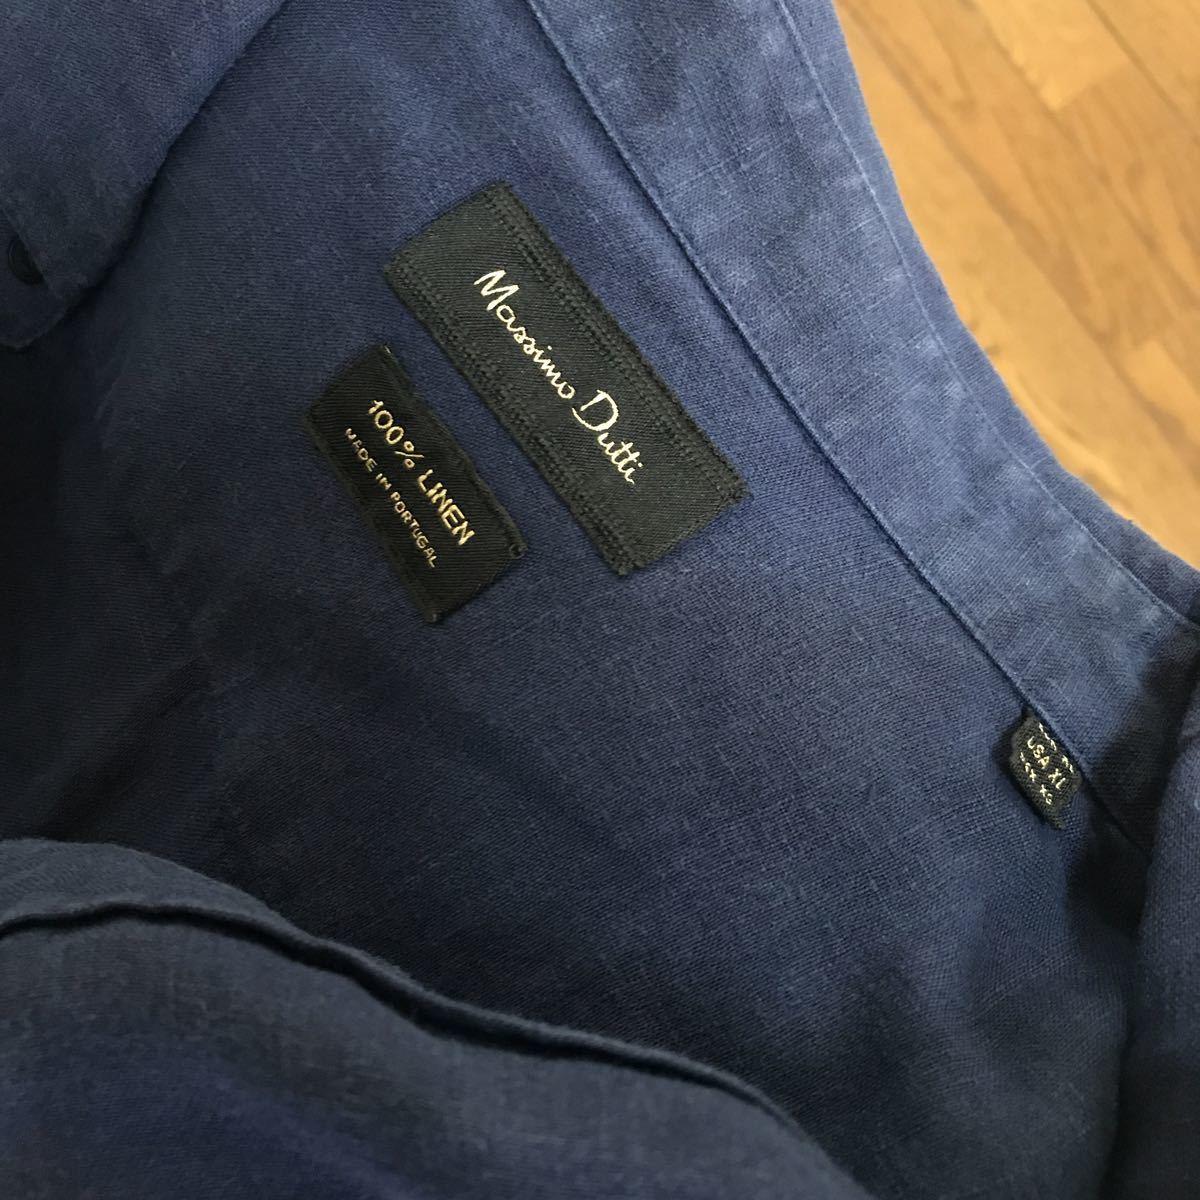 長袖シャツ 紺色シャツ マッシモドゥッティ Massimo Dutti リネンシャツ リネン100 USED 美品 サイズXL